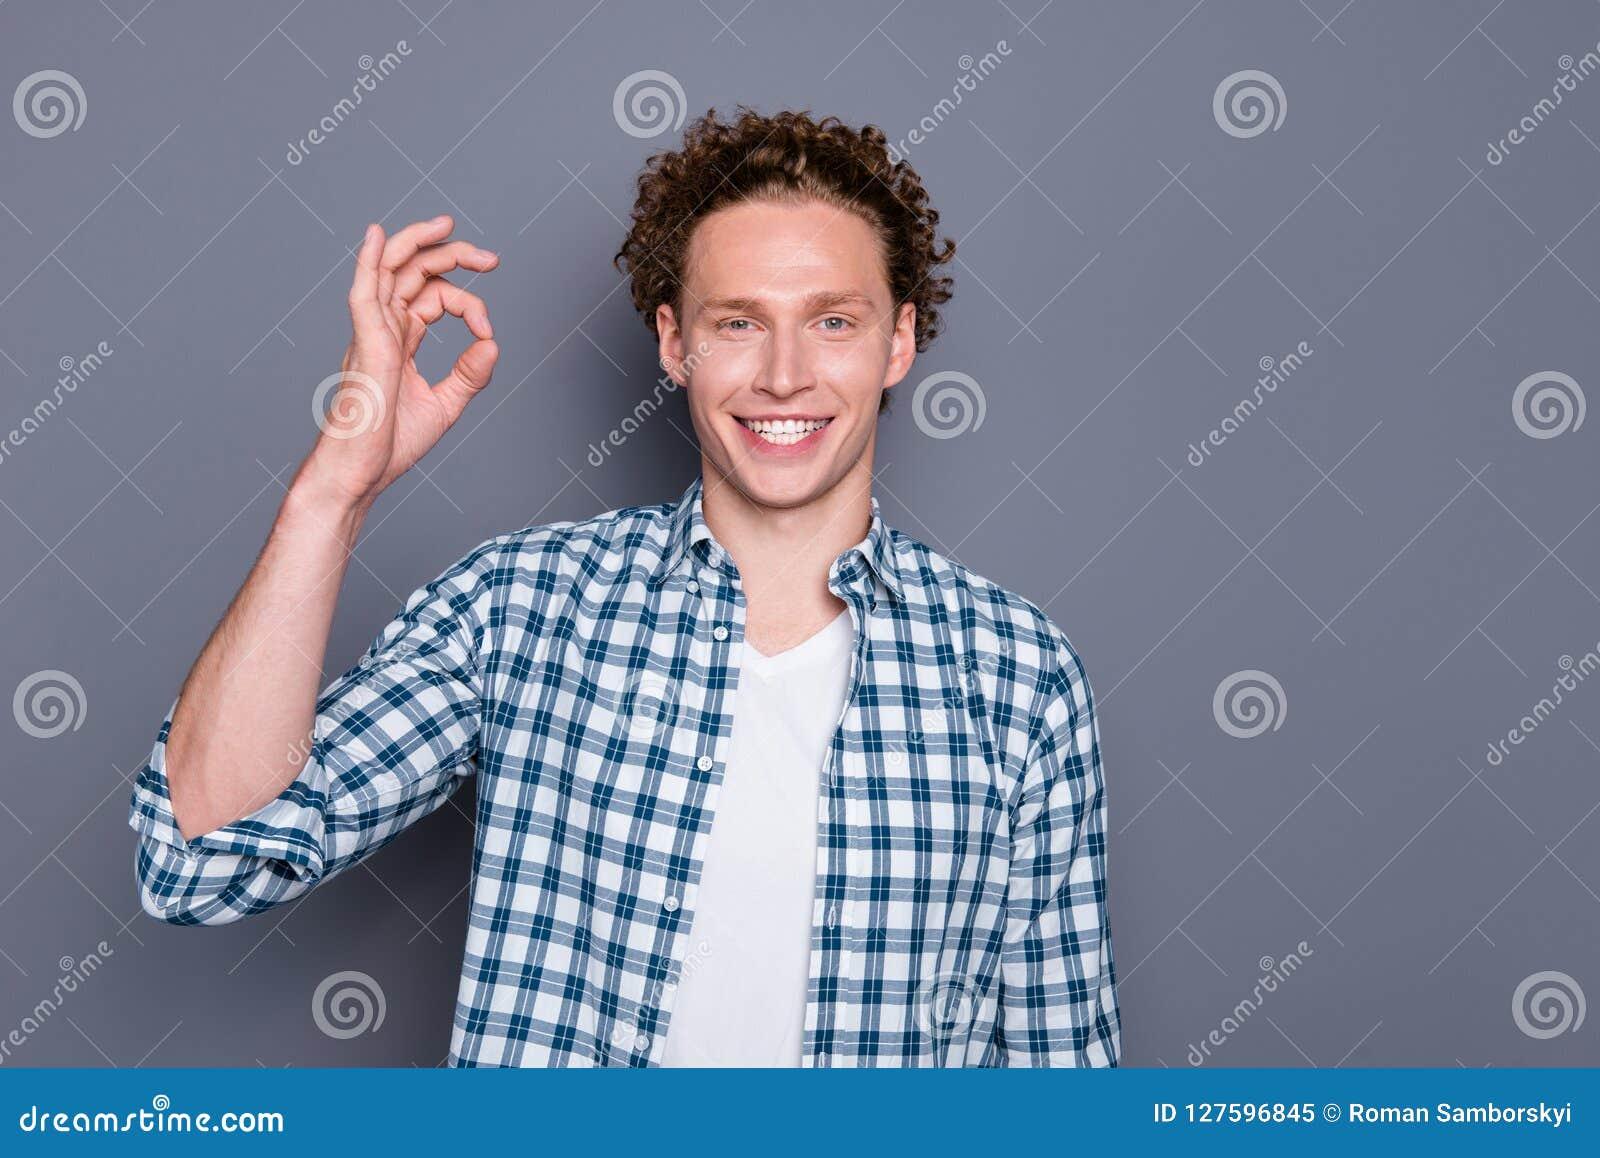 Κλείστε επάνω το πορτρέτο φωτογραφιών ο δροσερός όμορφος τύπος κάνοντας το εντάξει σύμβολο το γκρίζο υπόβαθρο